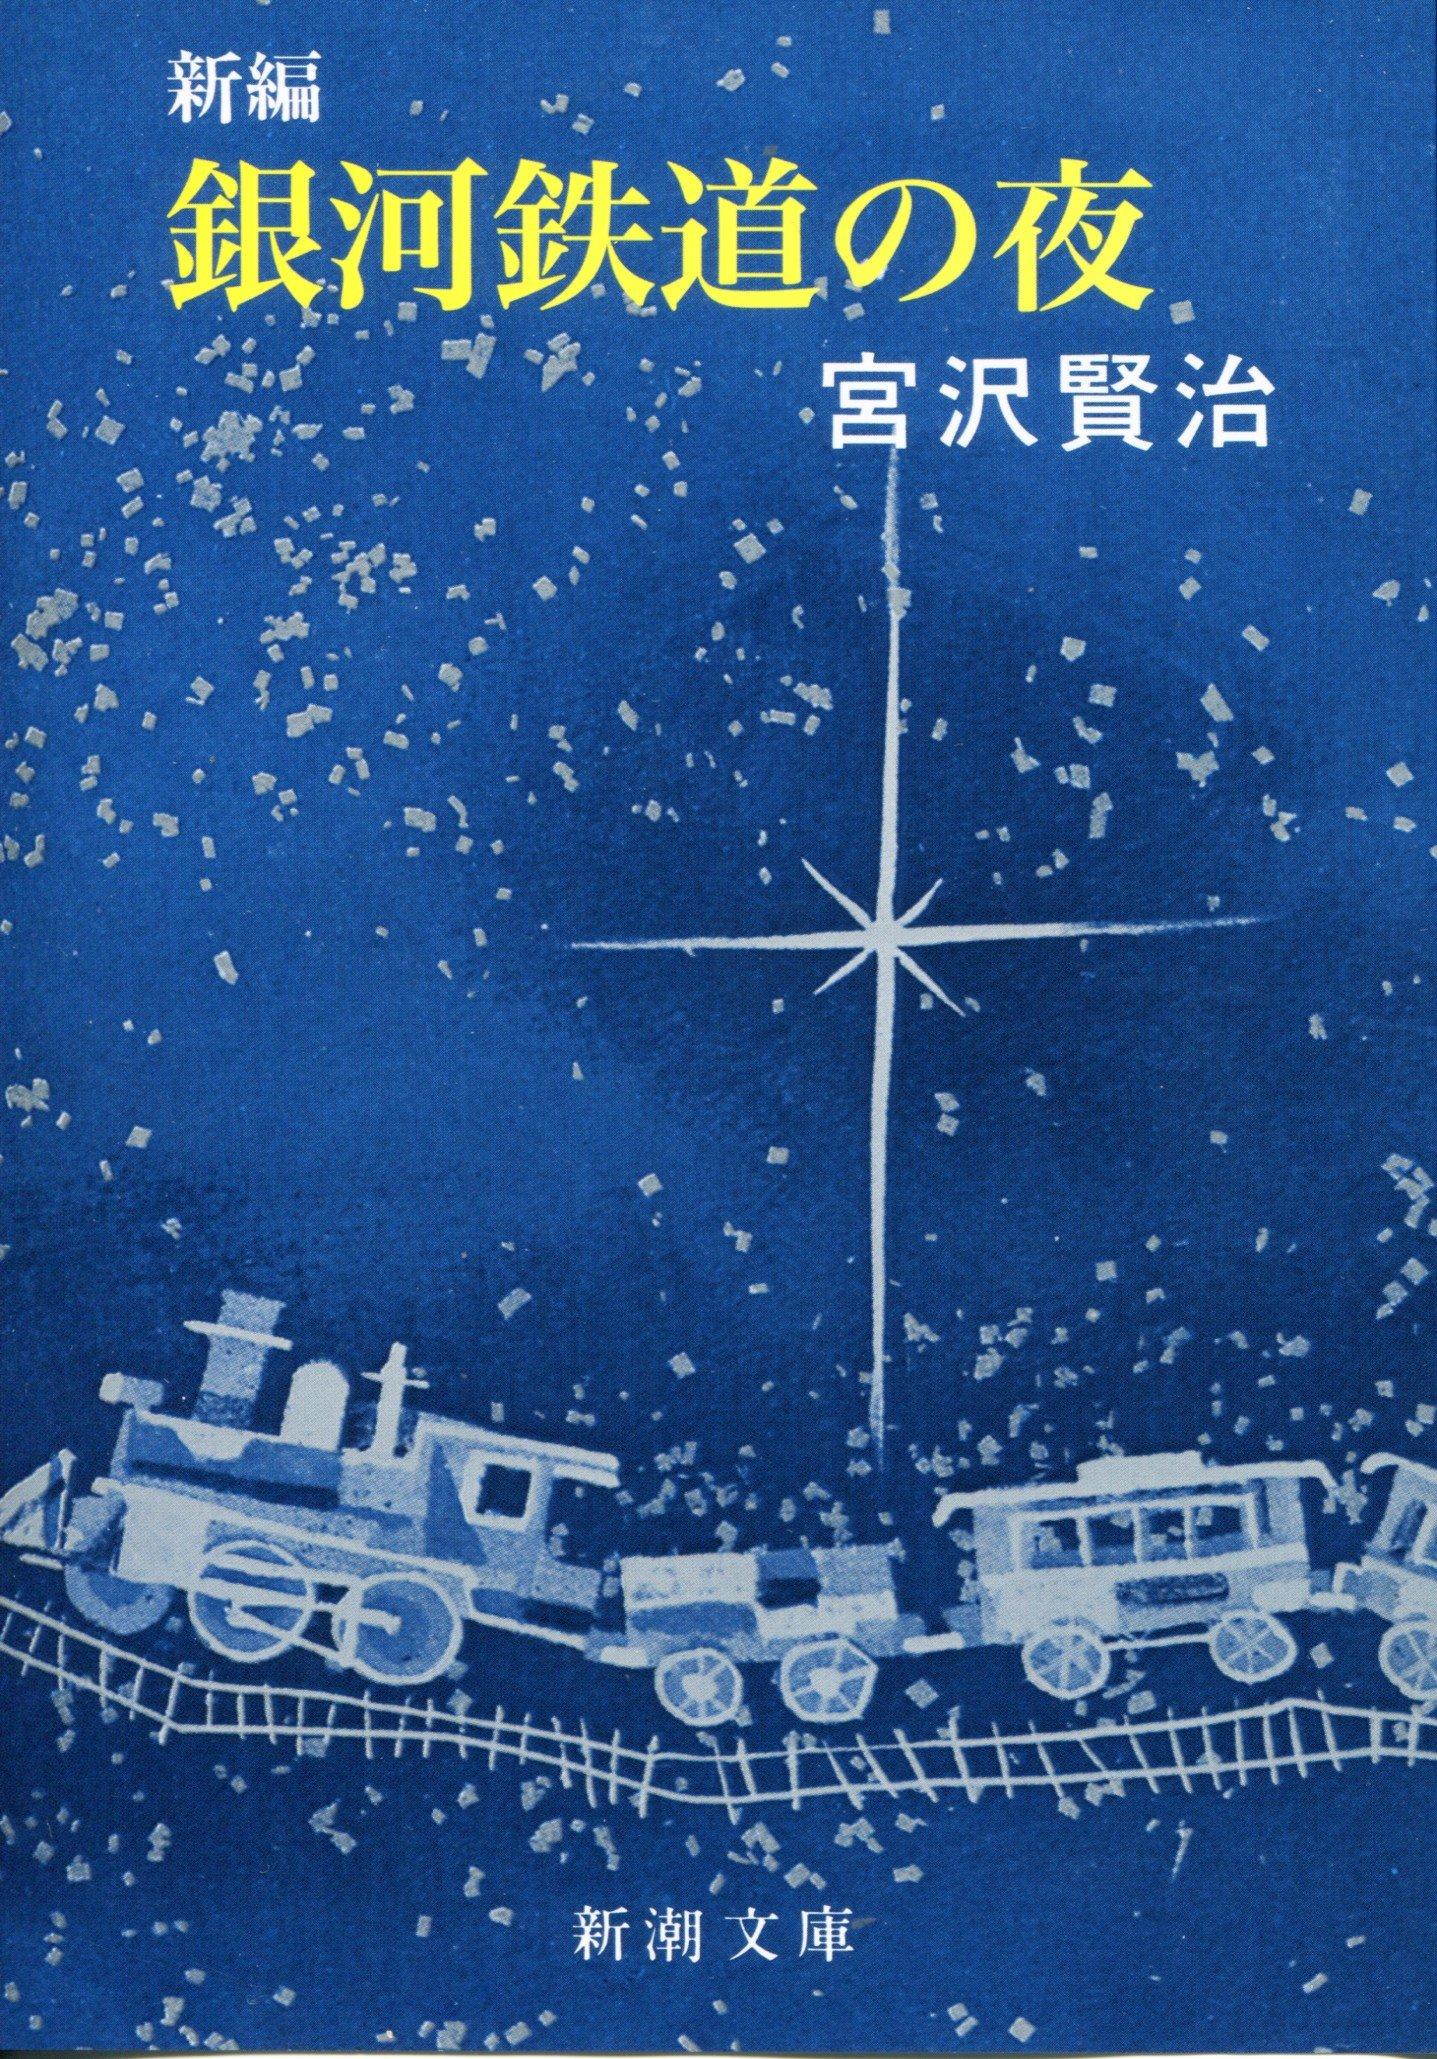 『銀河鉄道の夜』の解説「本当の幸福は何?」究極の謎に迫る